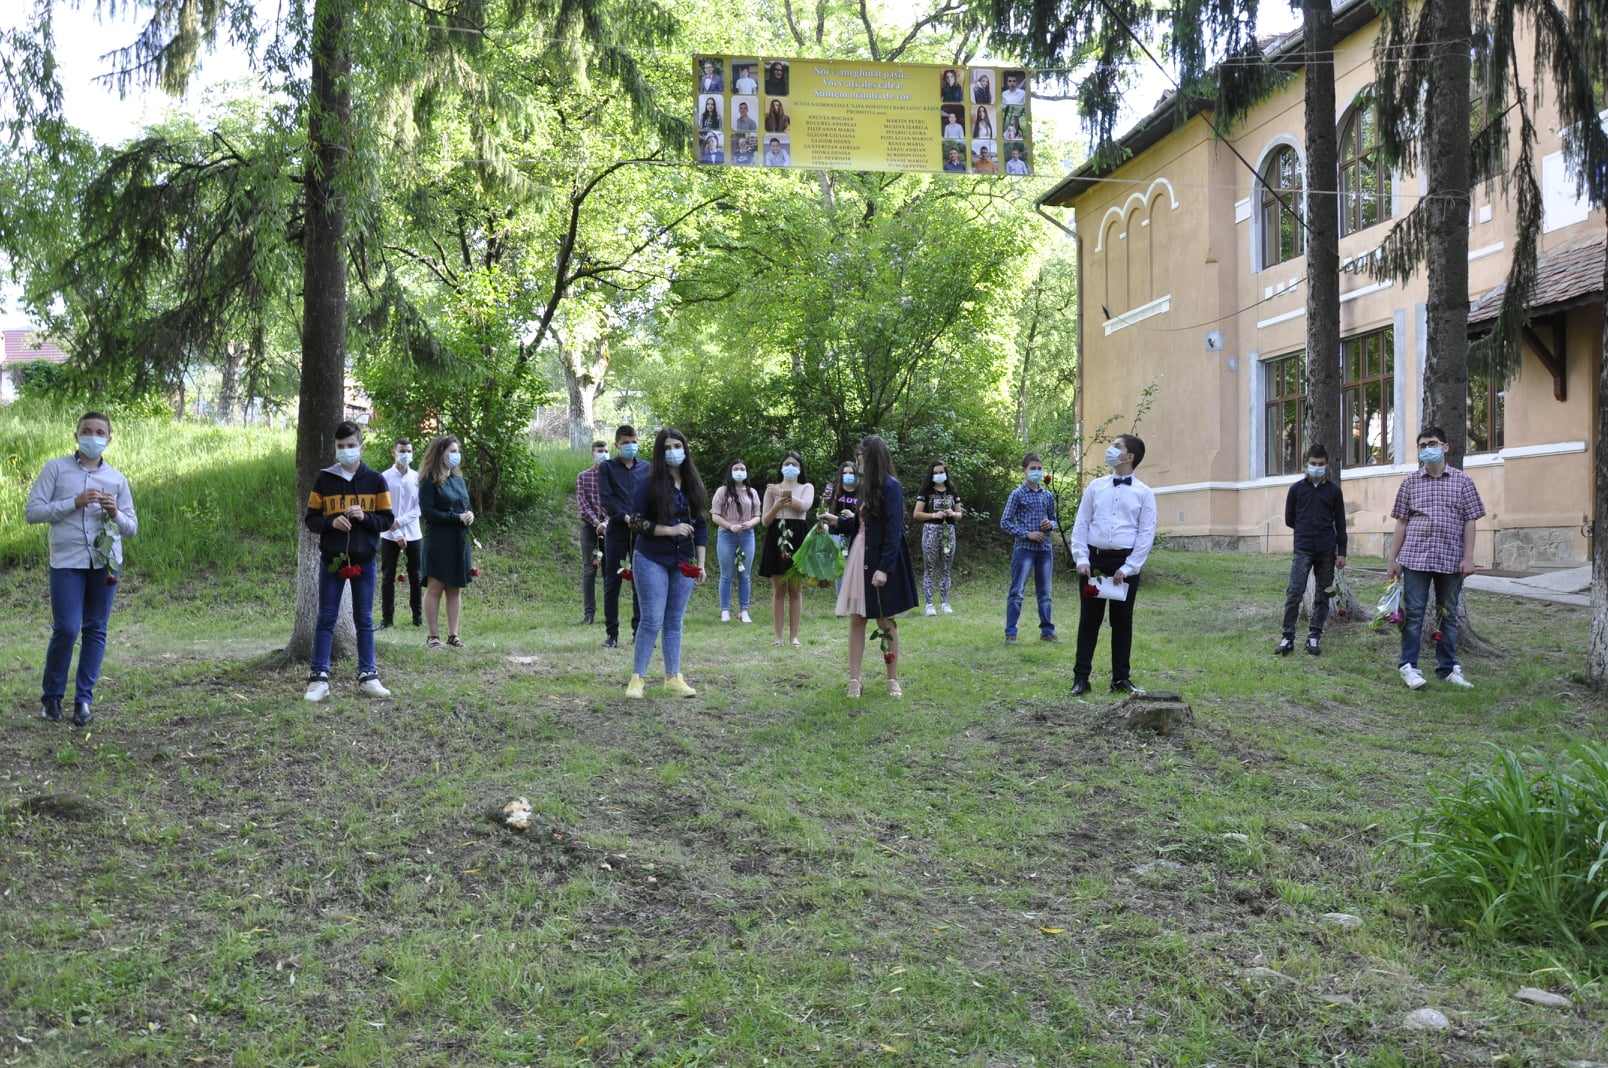 Curs festiv surpriză pentru absolvenții de clasa a VIII-a de la o școală din Rășinari